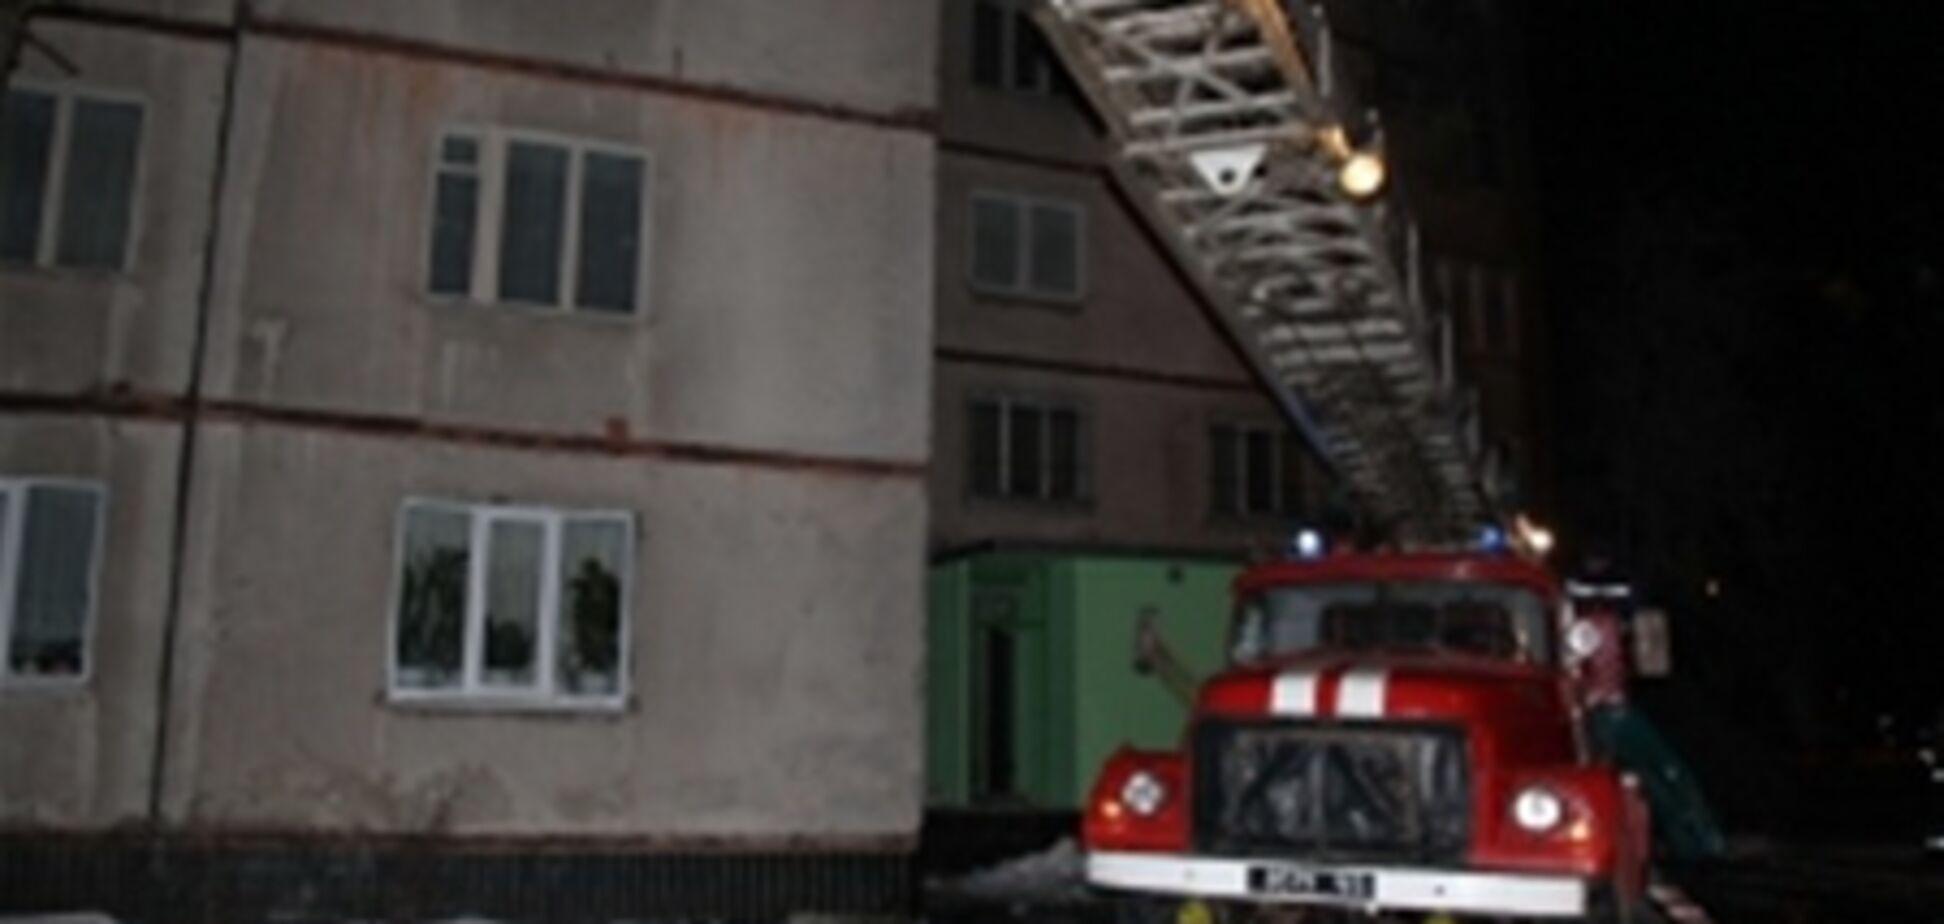 Жильцов вибухнув у Харкові будинки звільнили від сплати житлокомпослуг